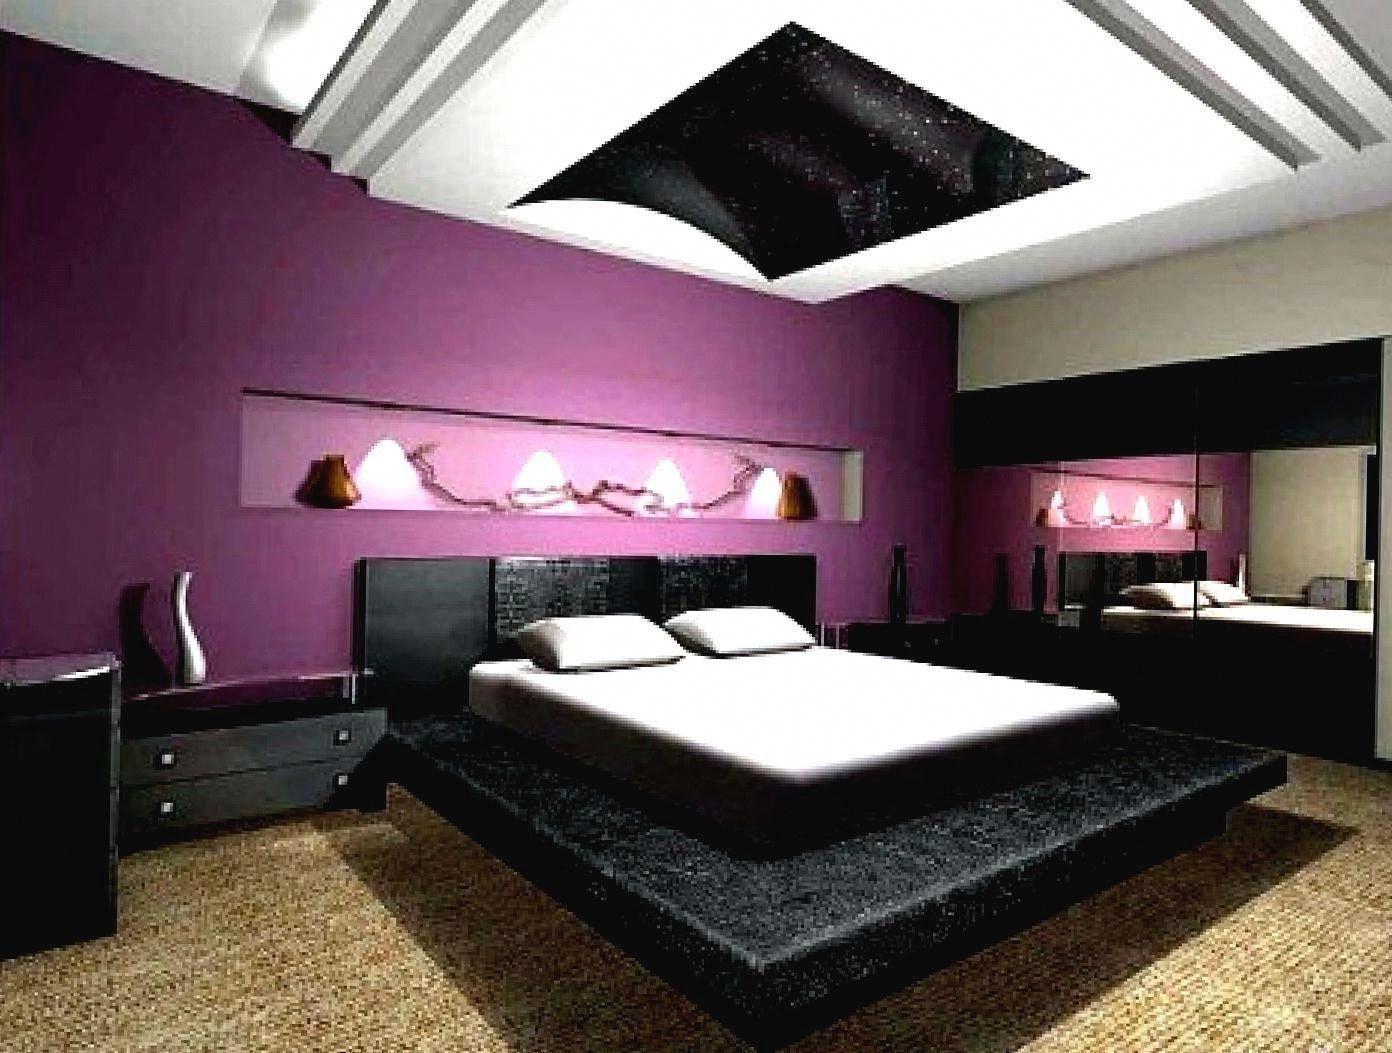 Bedroom ideas for women mesmerizing grey and purple fireplace home office asian bedroomideasforwomen homeofficeideas